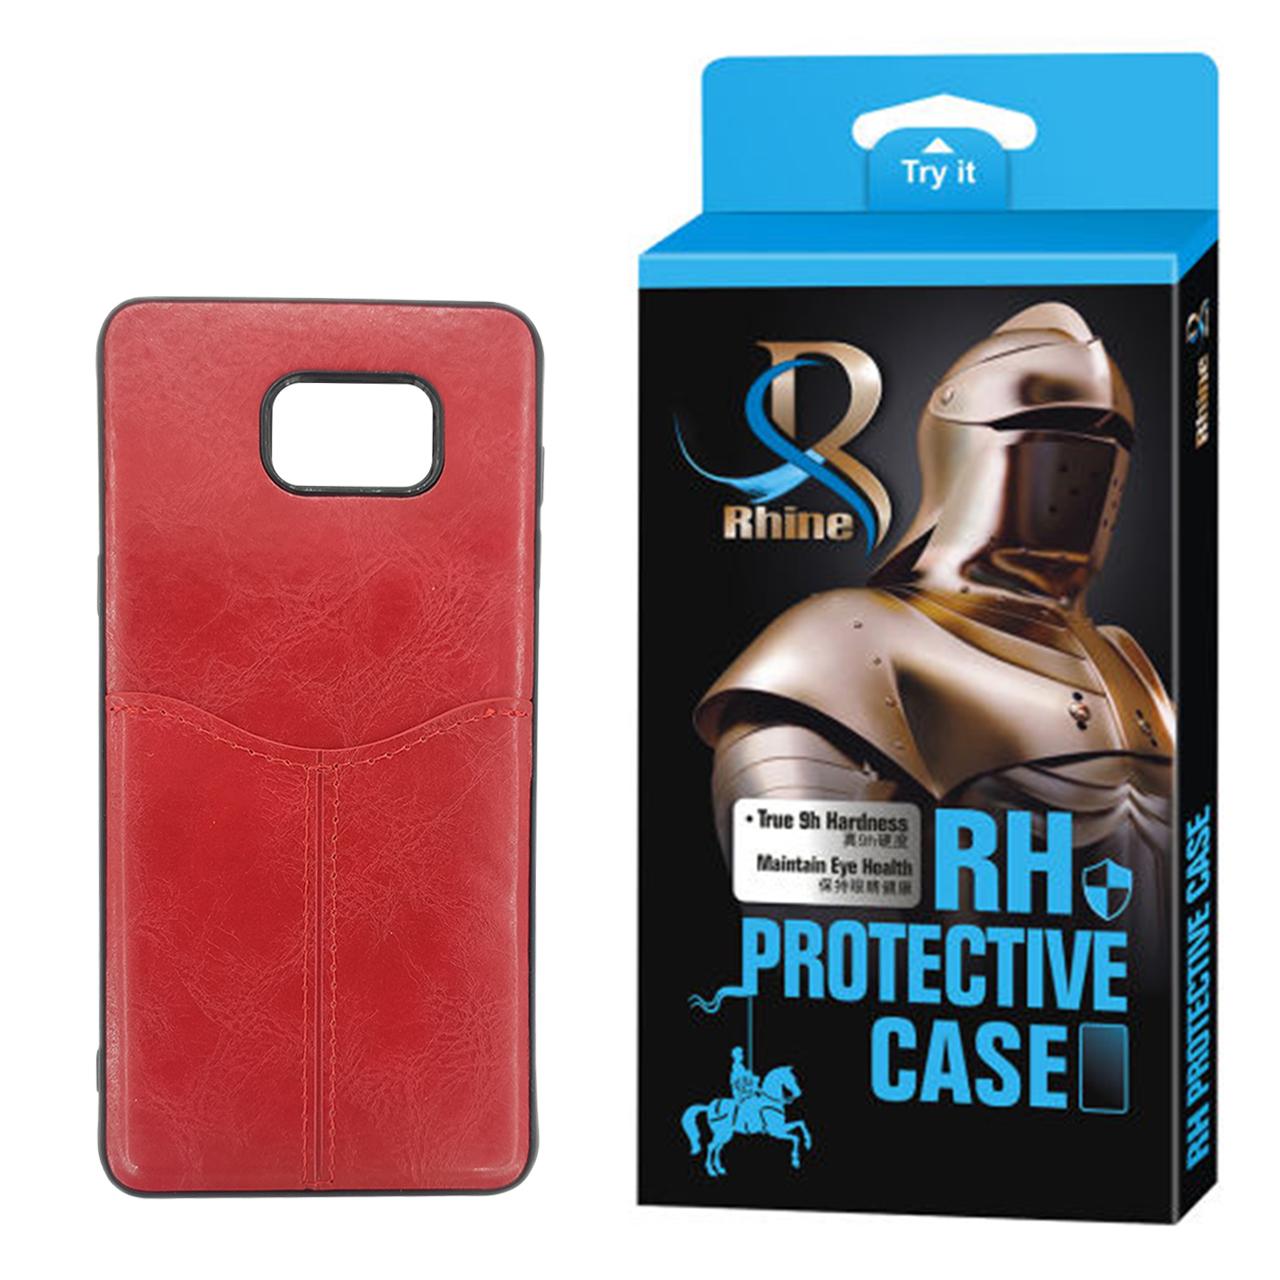 کاور راین مدل R_CT مناسب برای گوشی موبایل سامسونگ Galaxy Note 5